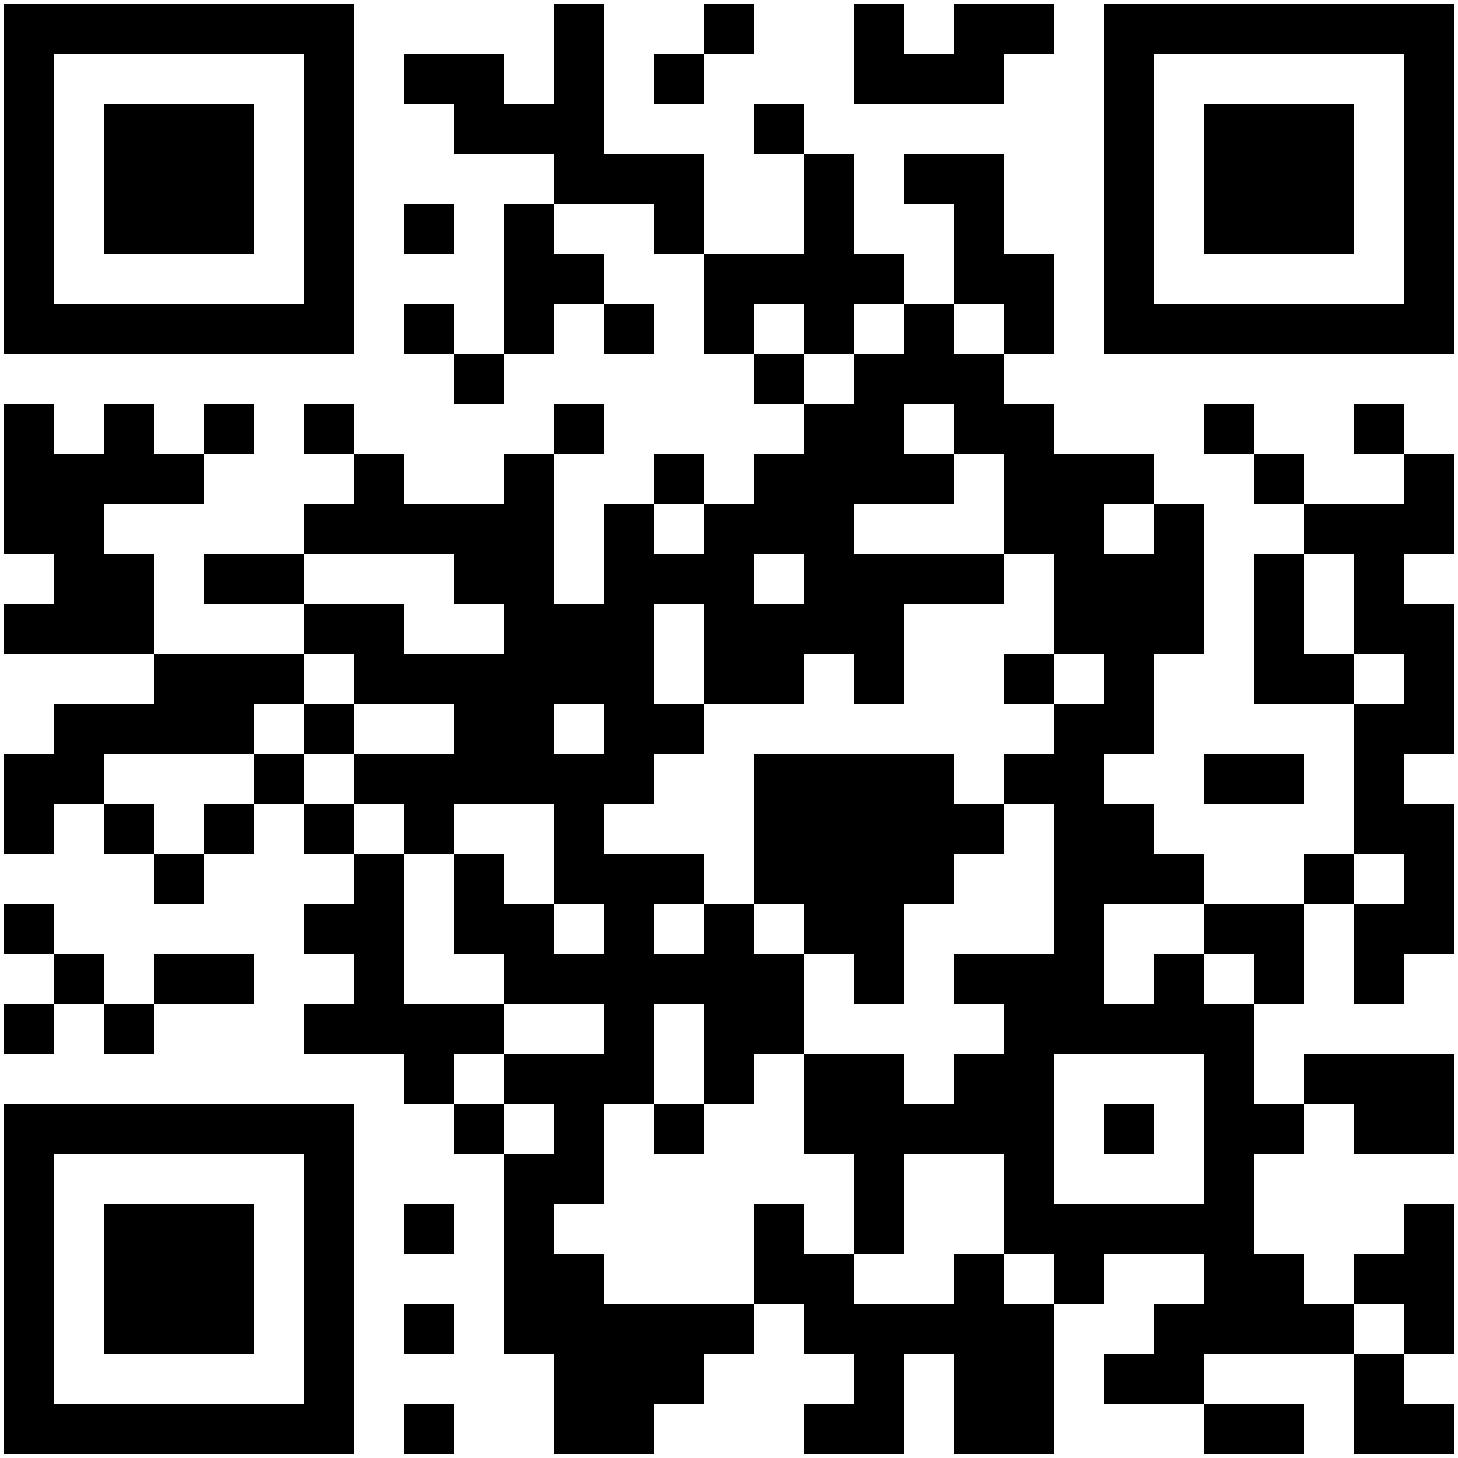 Bestel_App_QR_Neckar_Horb